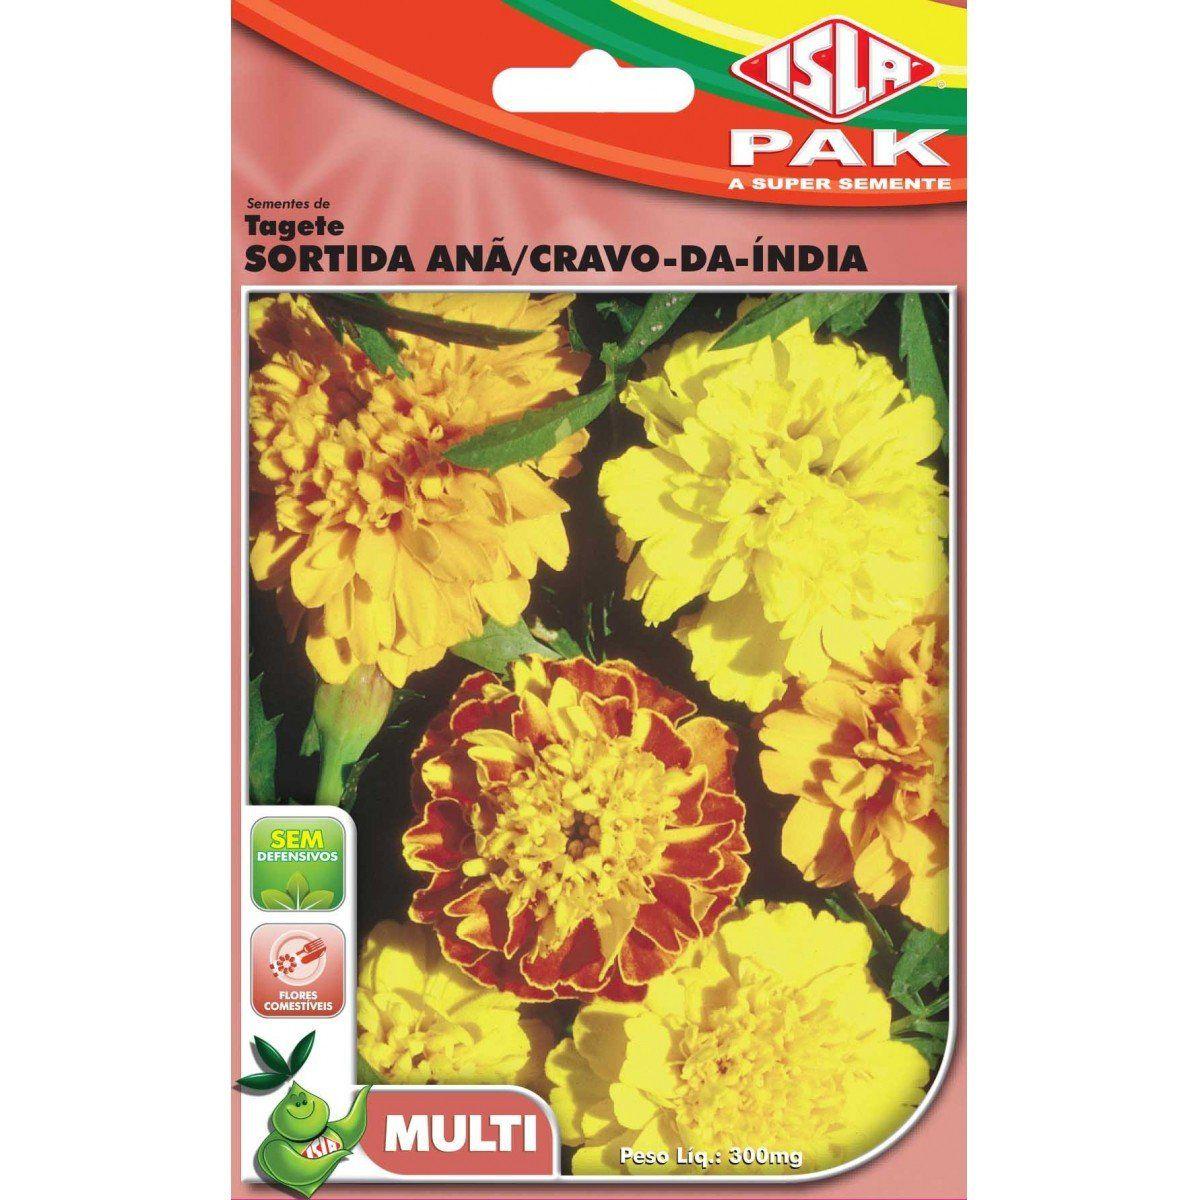 Sementes de Tagete Sortida Anã/Cravo-da-Índia - Isla Multi